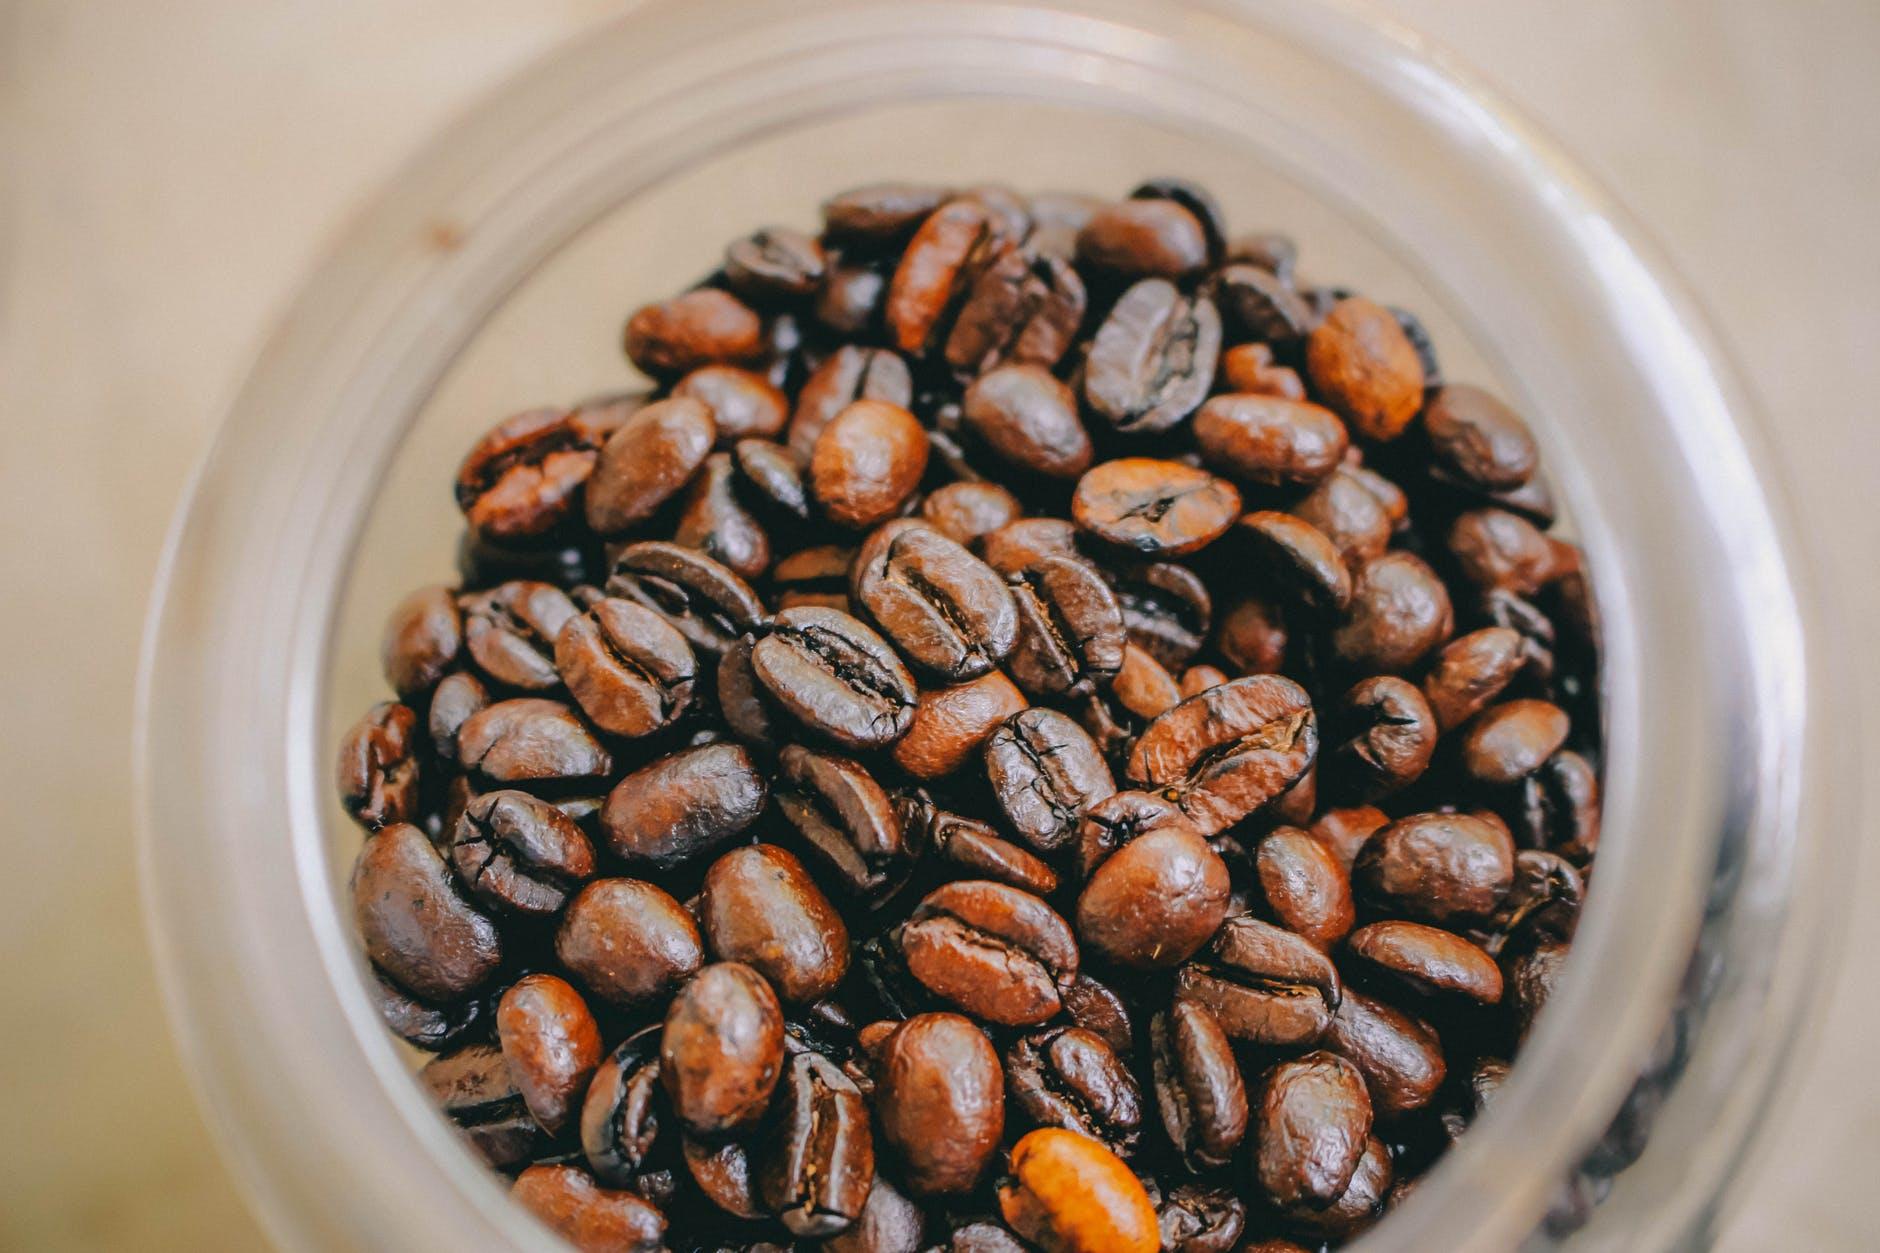 tac dung cua caffeine